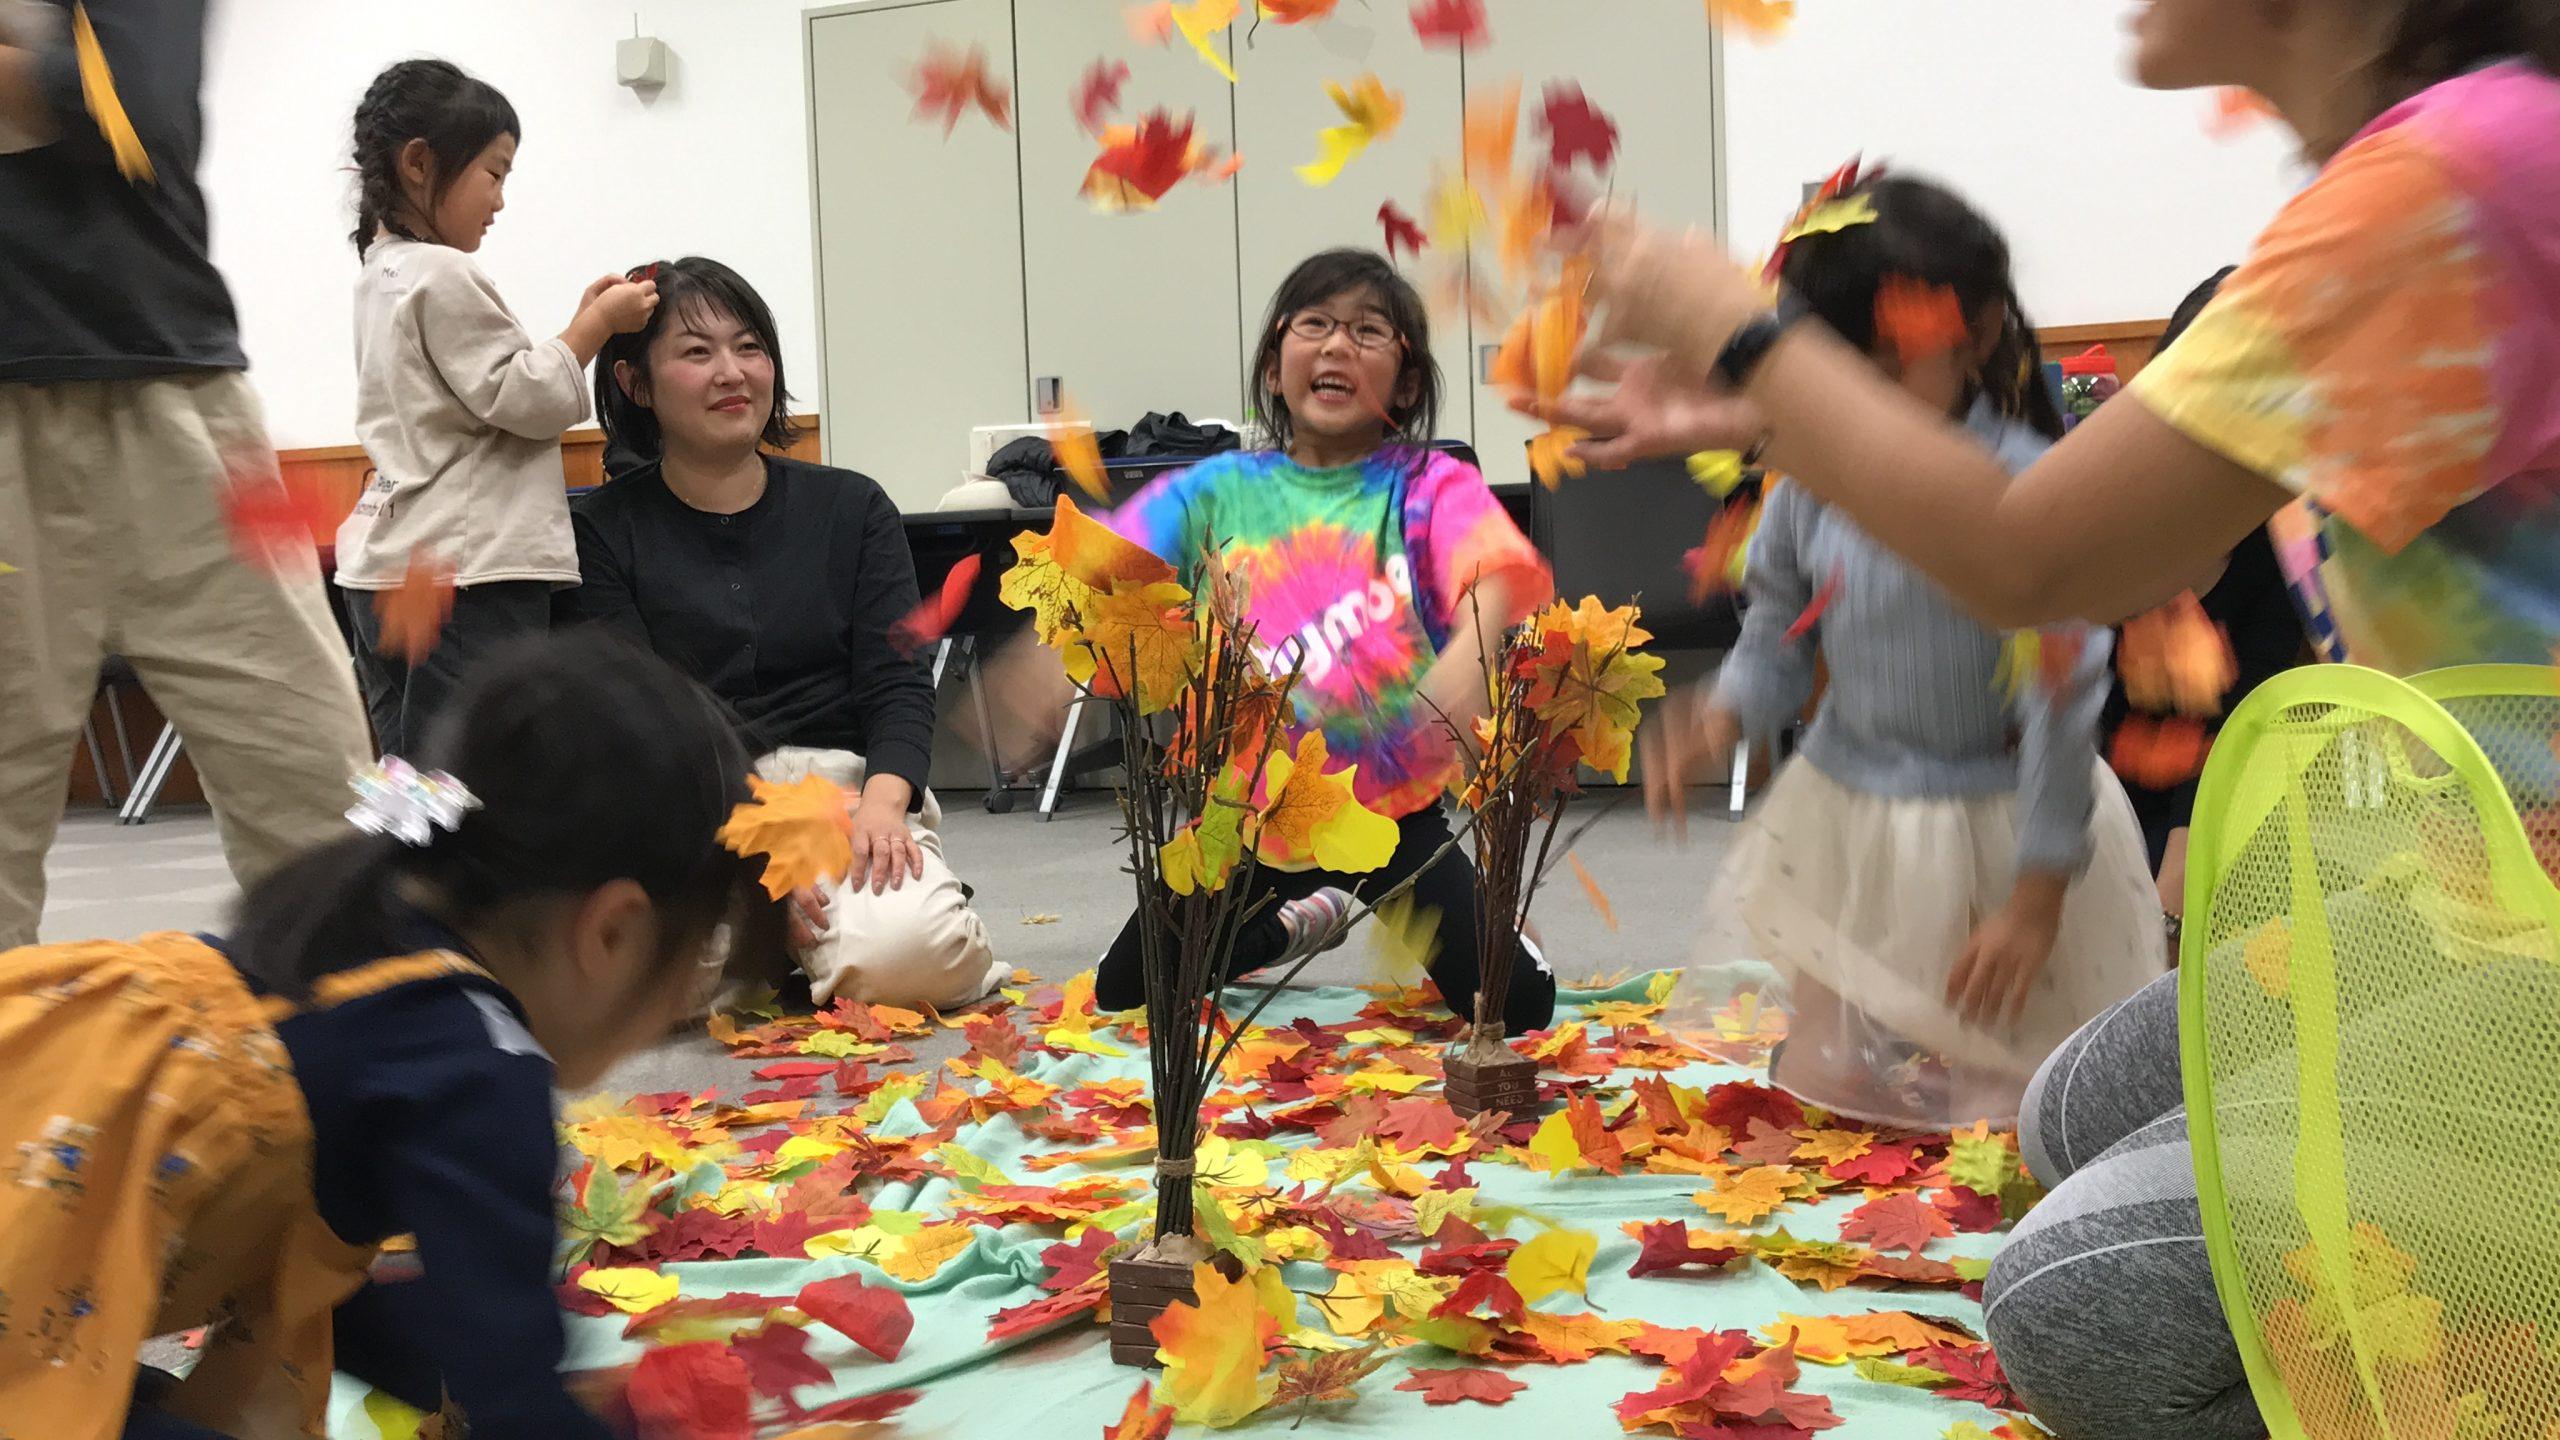 11月ははらはらと舞い落ちる「秋の落ち葉」